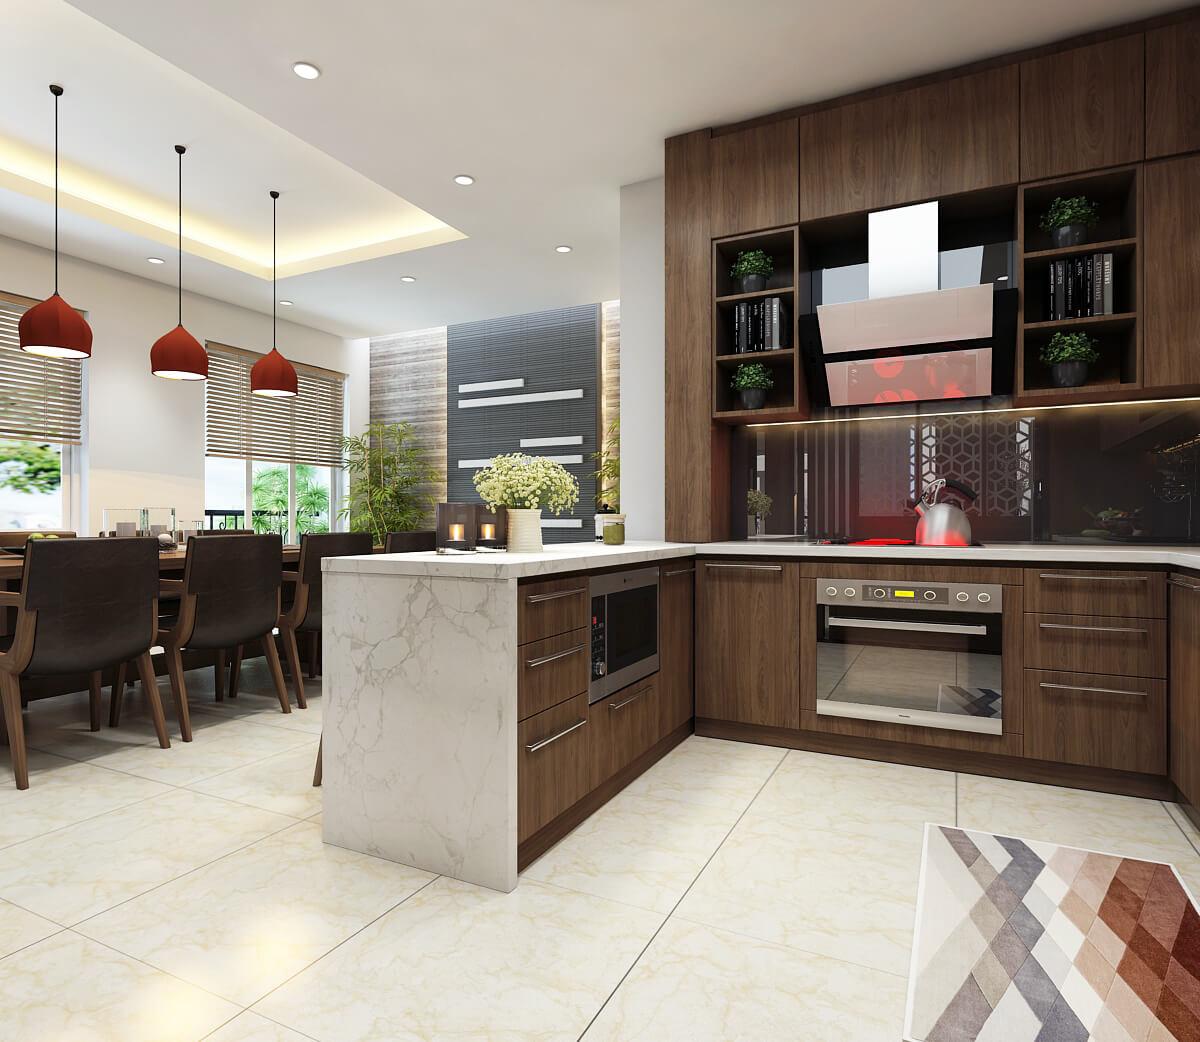 Mẫu thiết kế căn hộ chung cư đẹp theo gam màu nâu nổi bật